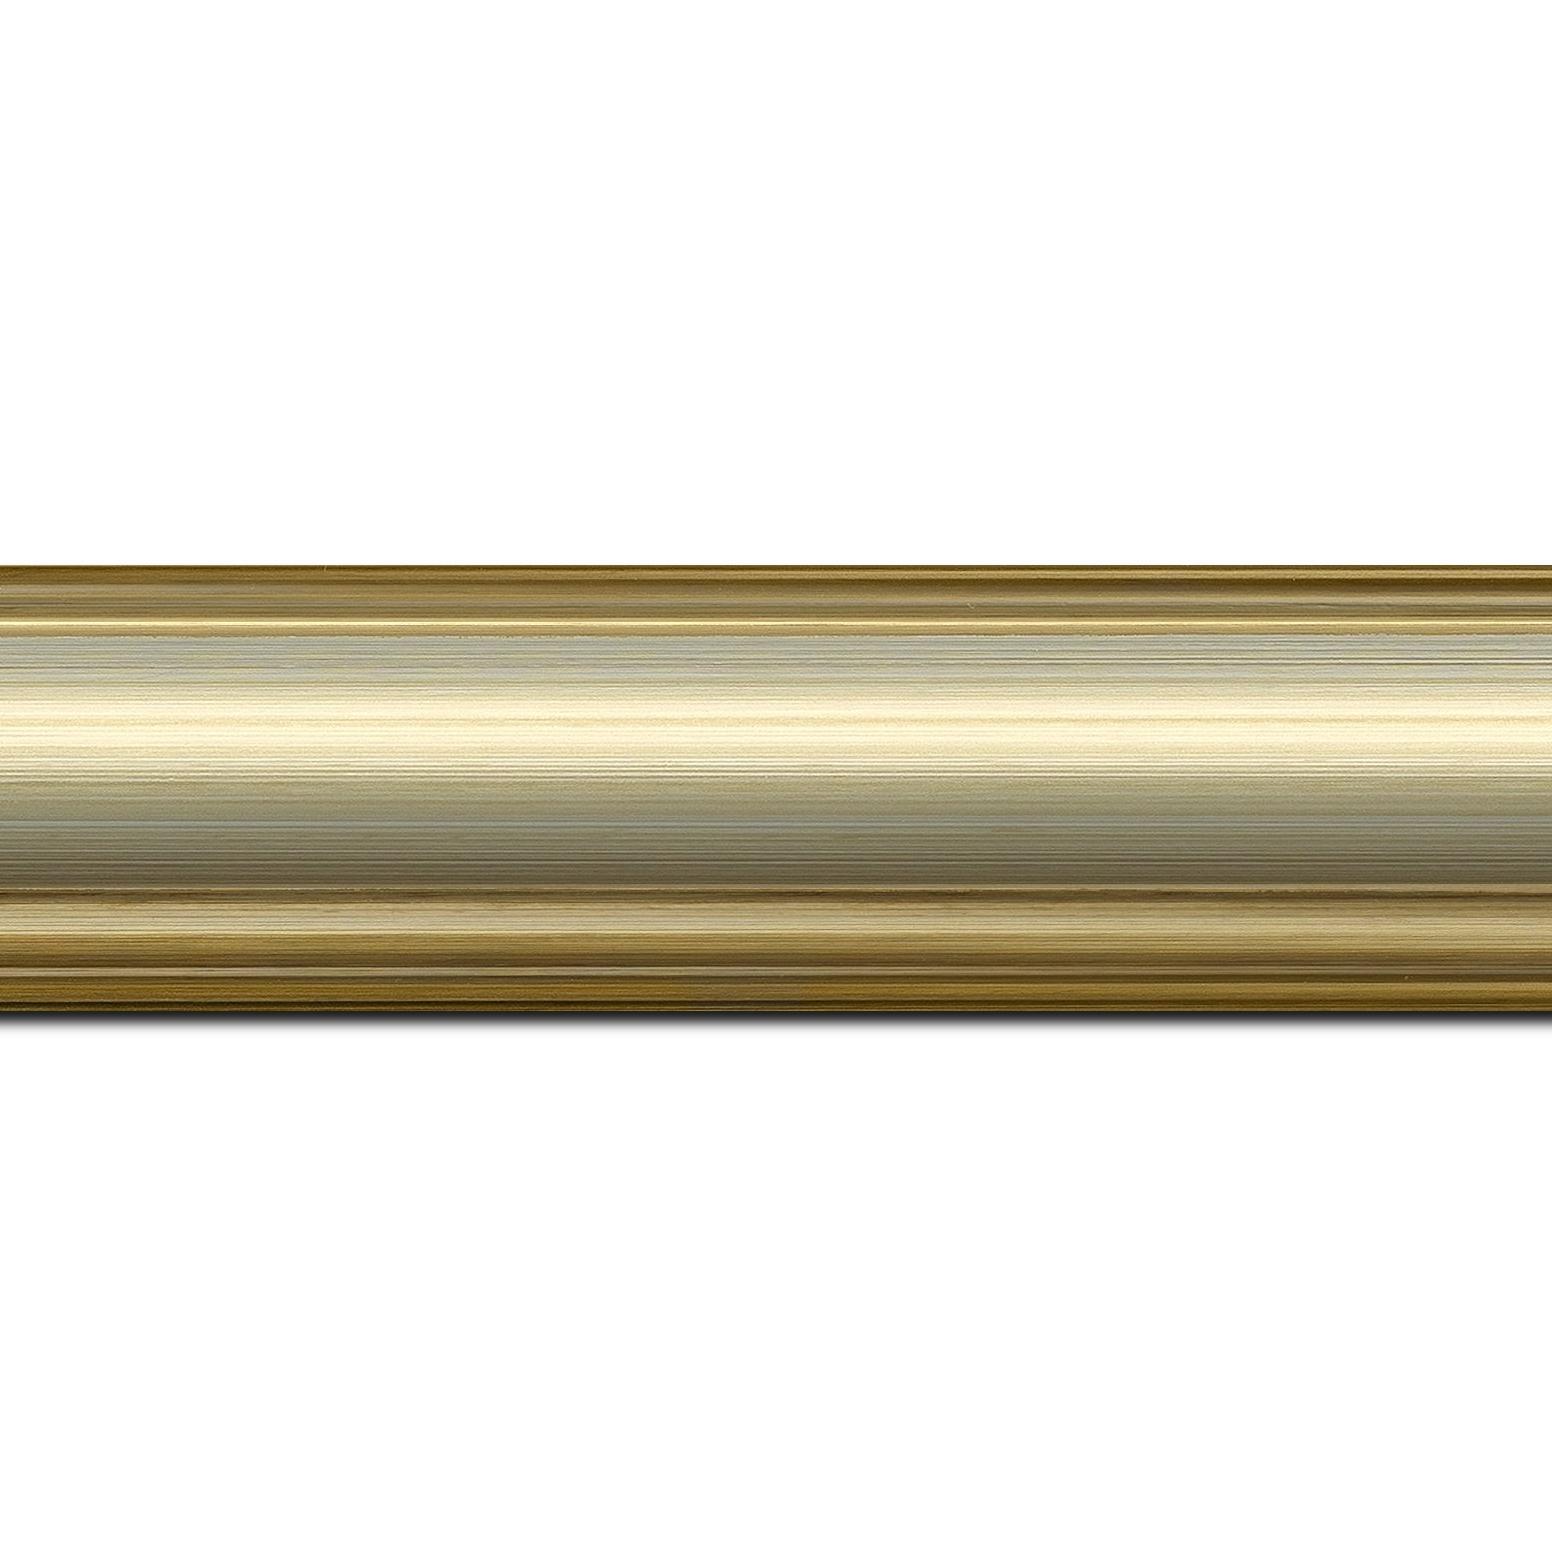 Baguette longueur 1.40m bois profil doucine inversée largeur 4.4cm or gorge champagne